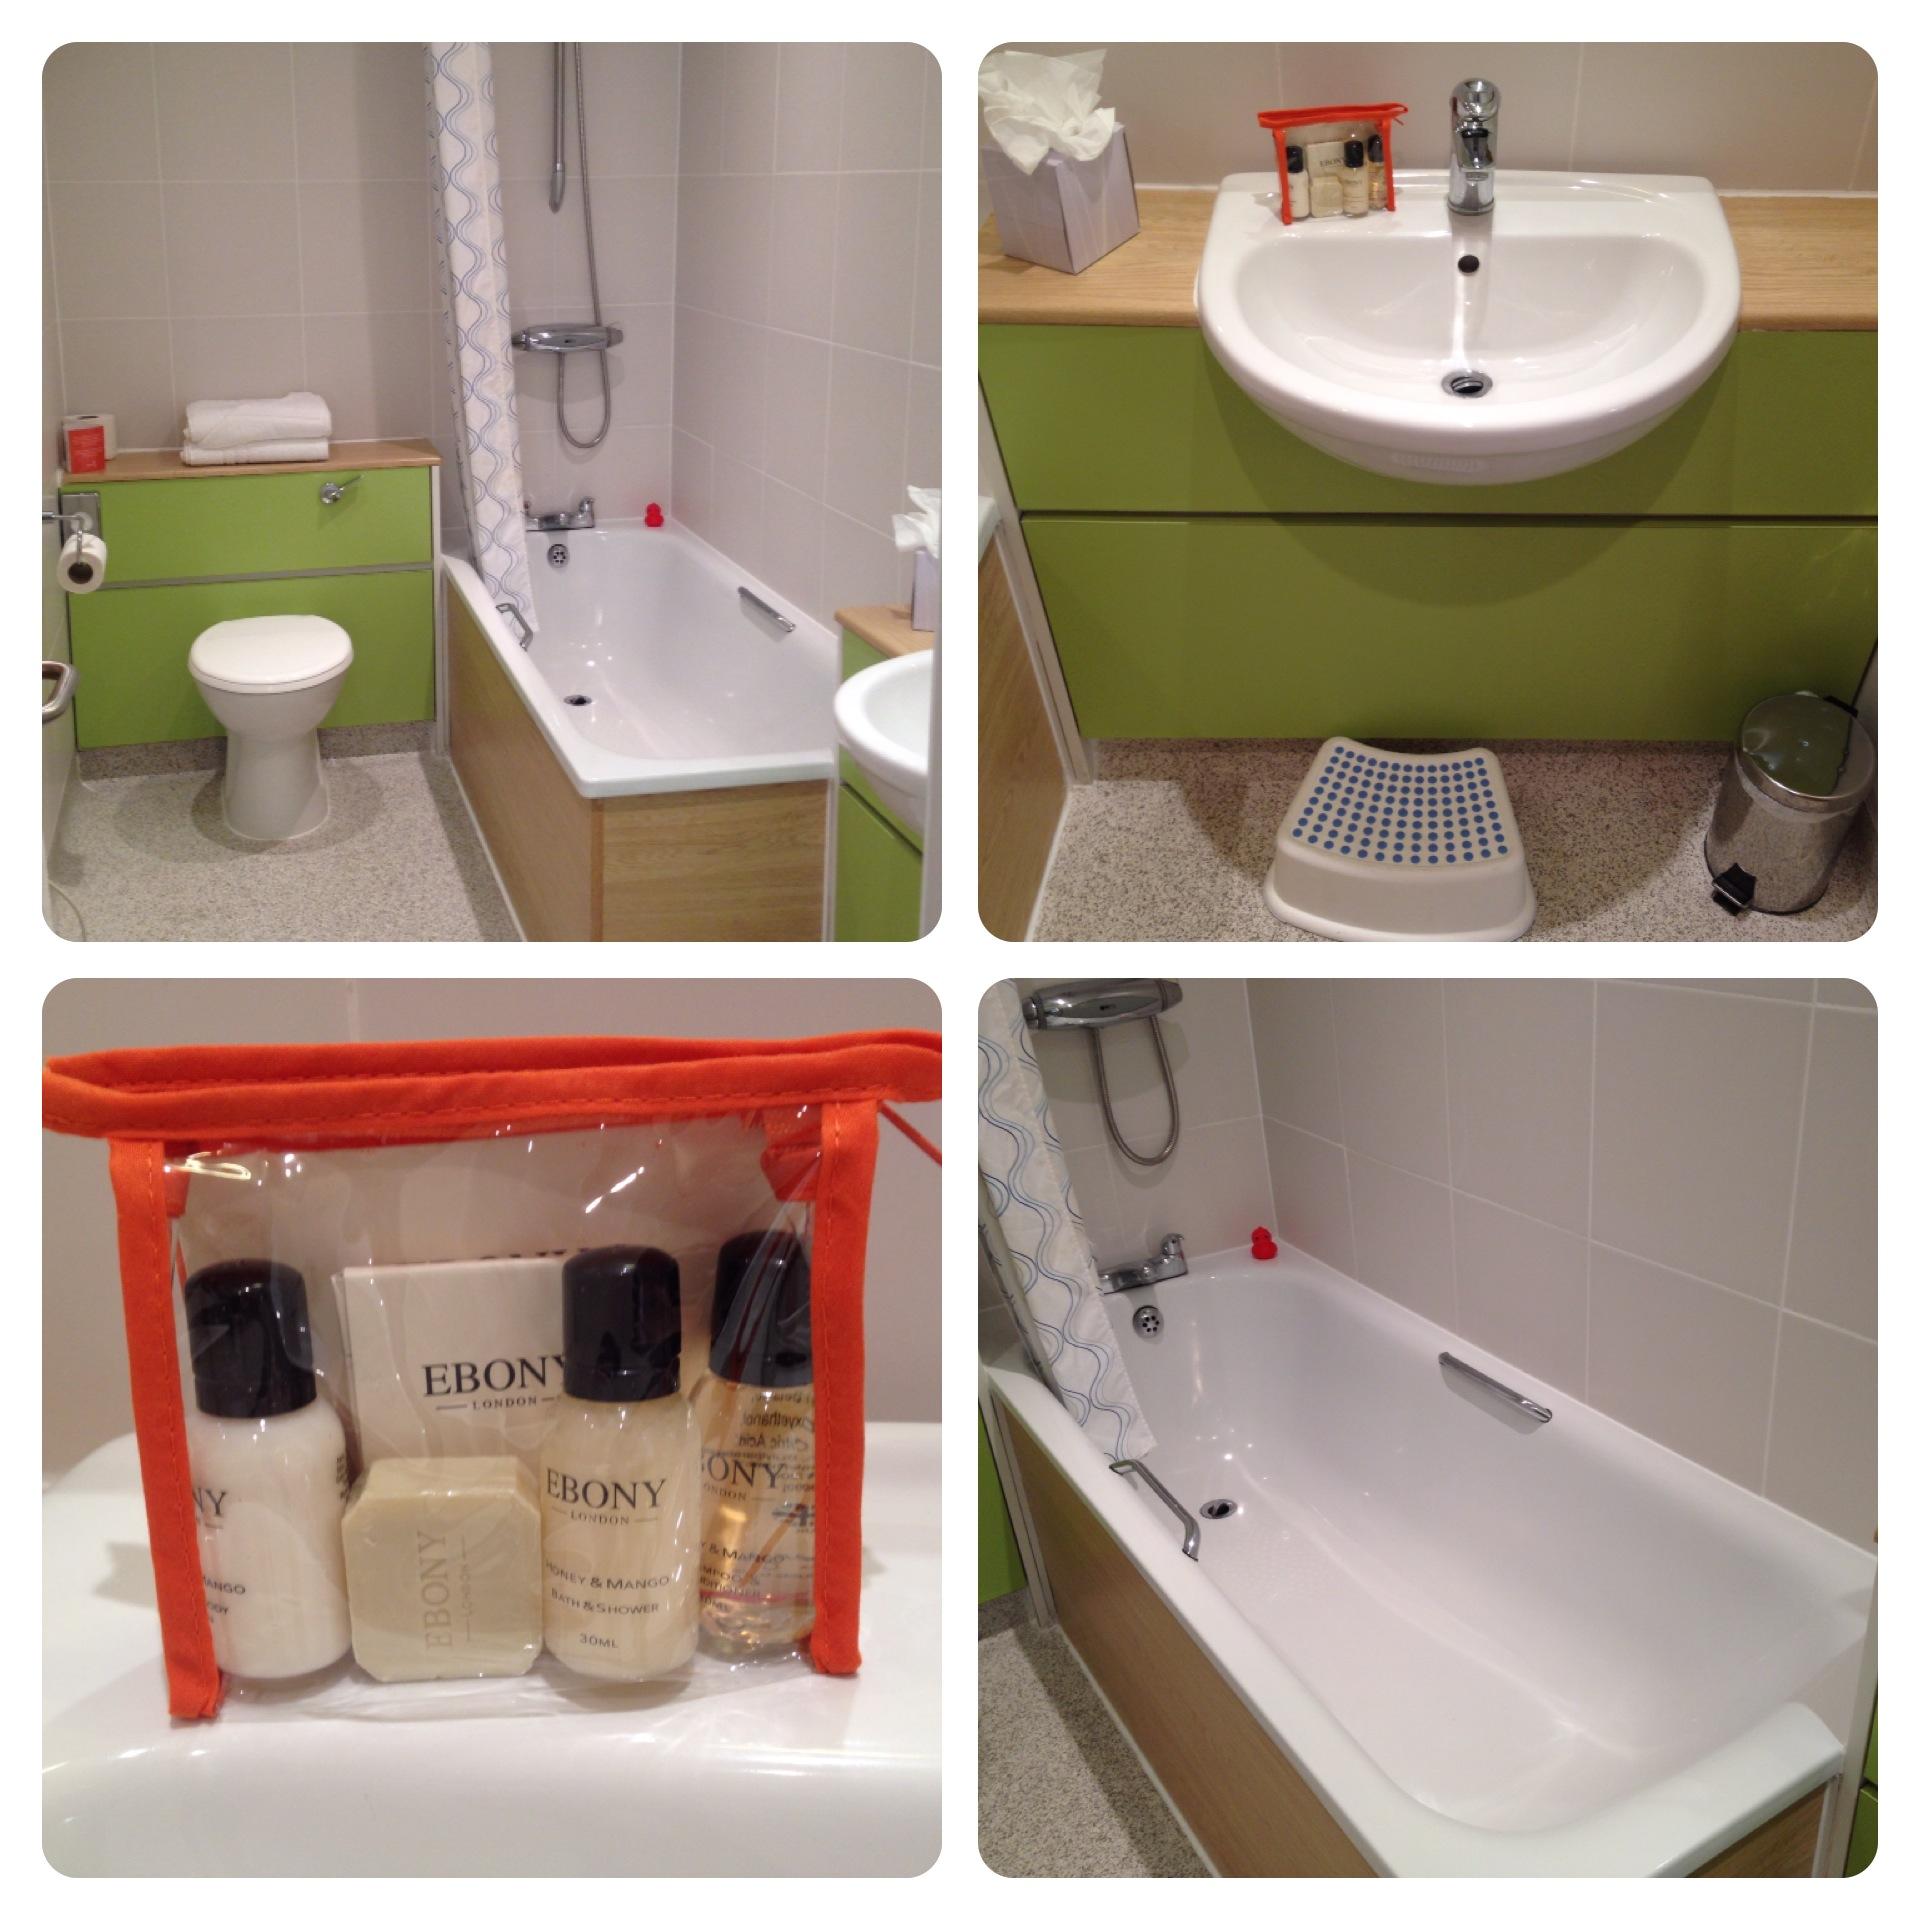 Bathroom at the Shoreline Hotel